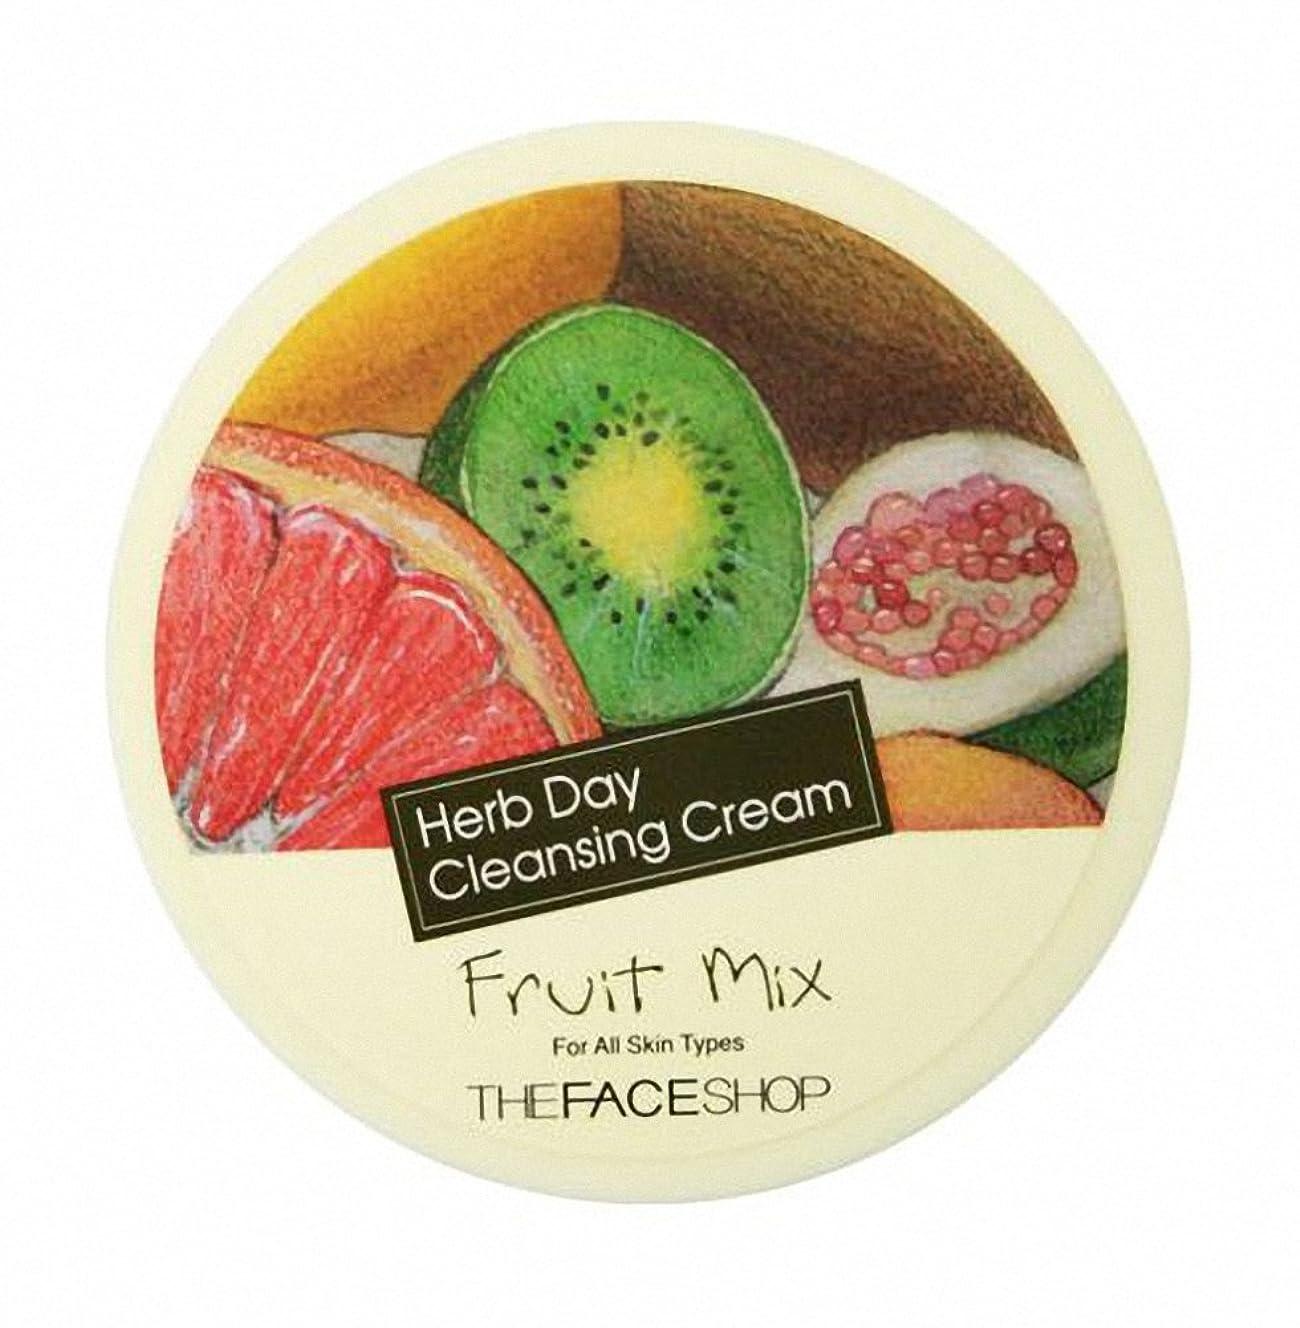 ひまわりしっとり動かすザ·フェイスショップ The Face Shop ハーブデイ クレンジングクリーム 150ml (フルーツミックス) The Face Shop Herb Day Cleansing Cream 150ml (Fruit Mix)[海外直送品]